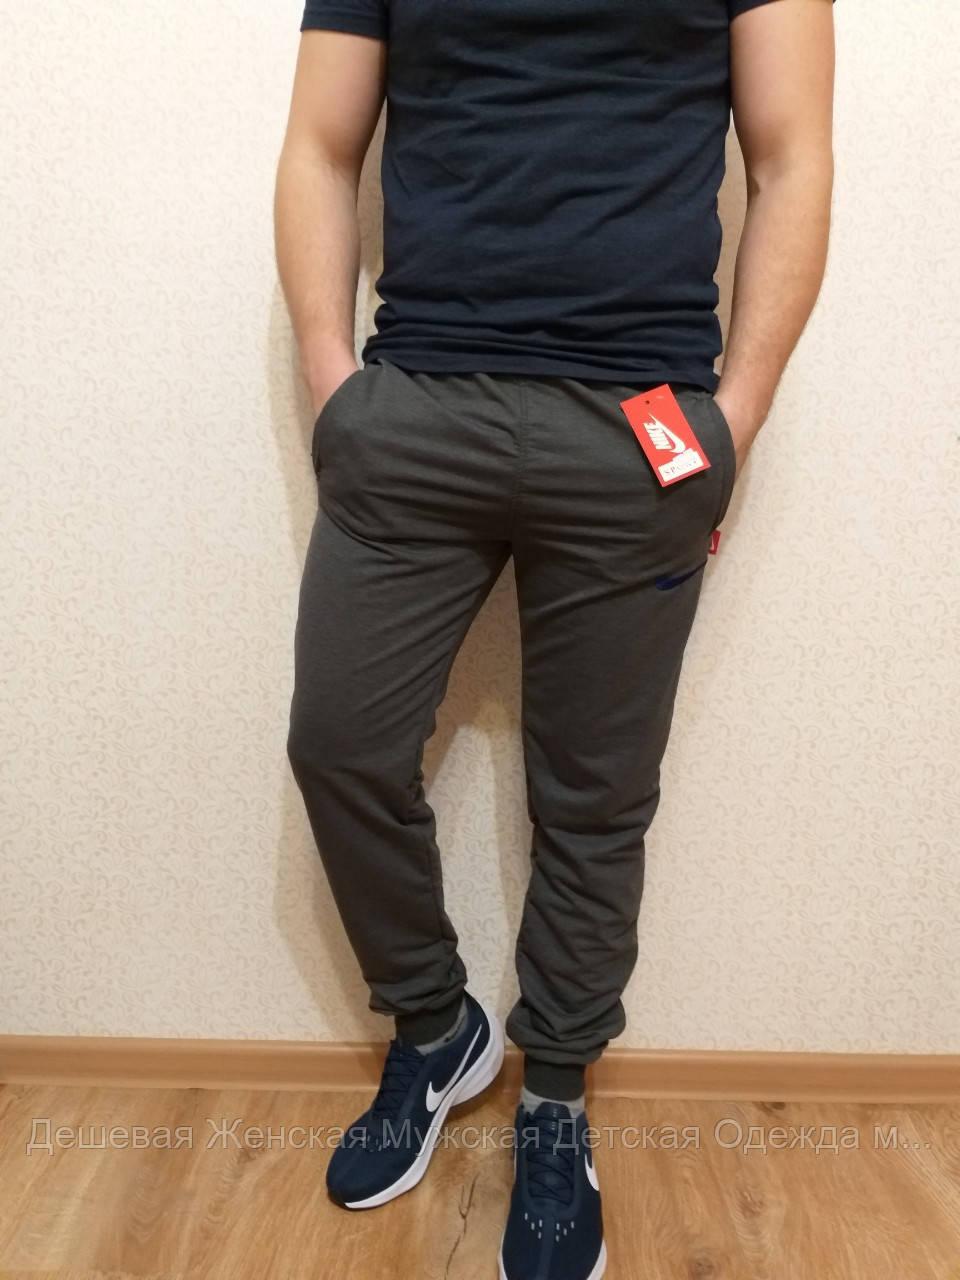 Чоловічі спорт штани трикотаж вишивка